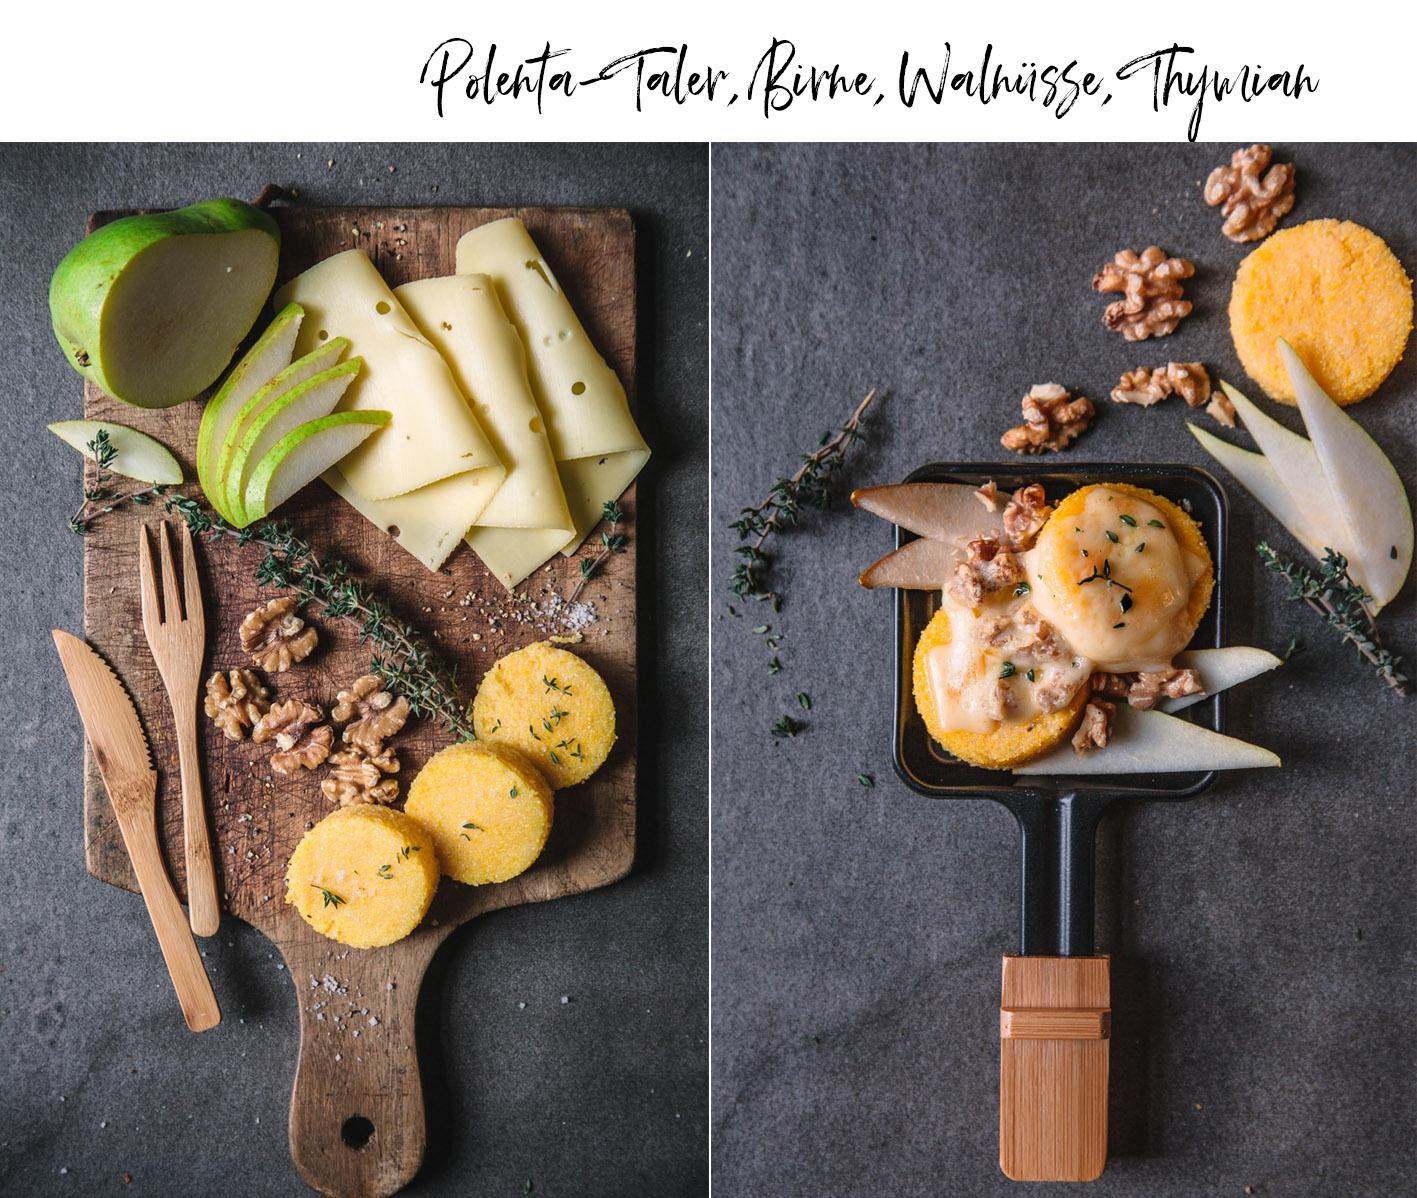 Raclettepfännchen mit Polentatalern und Birne